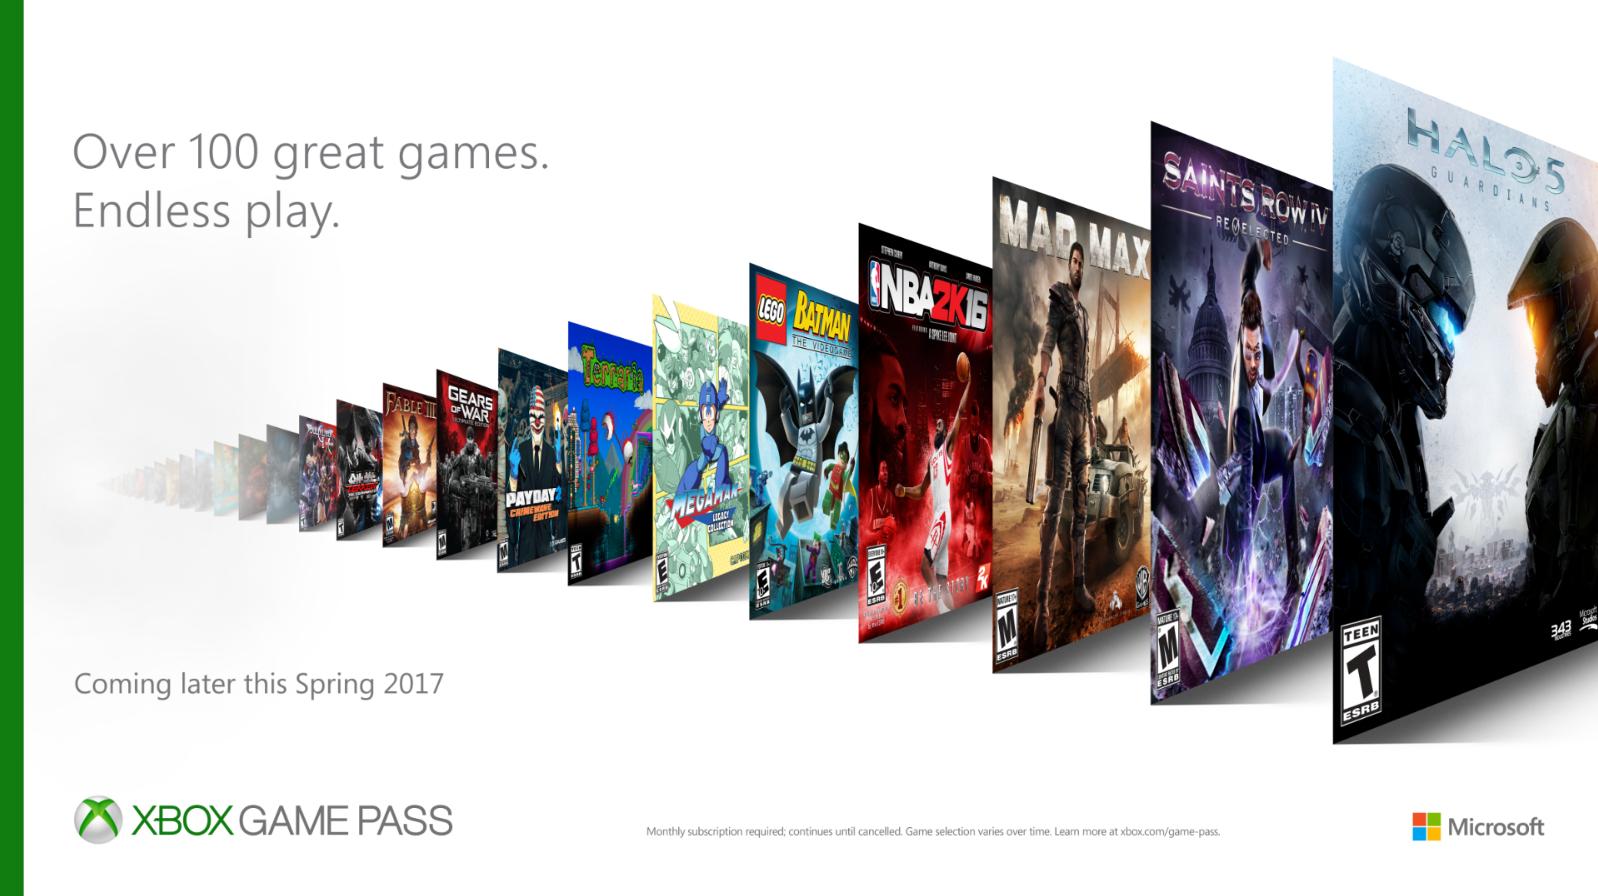 Xbox sorprende con Xbox Access, ¡más de 100 títulos de ONE a 9,99 euros al mes!